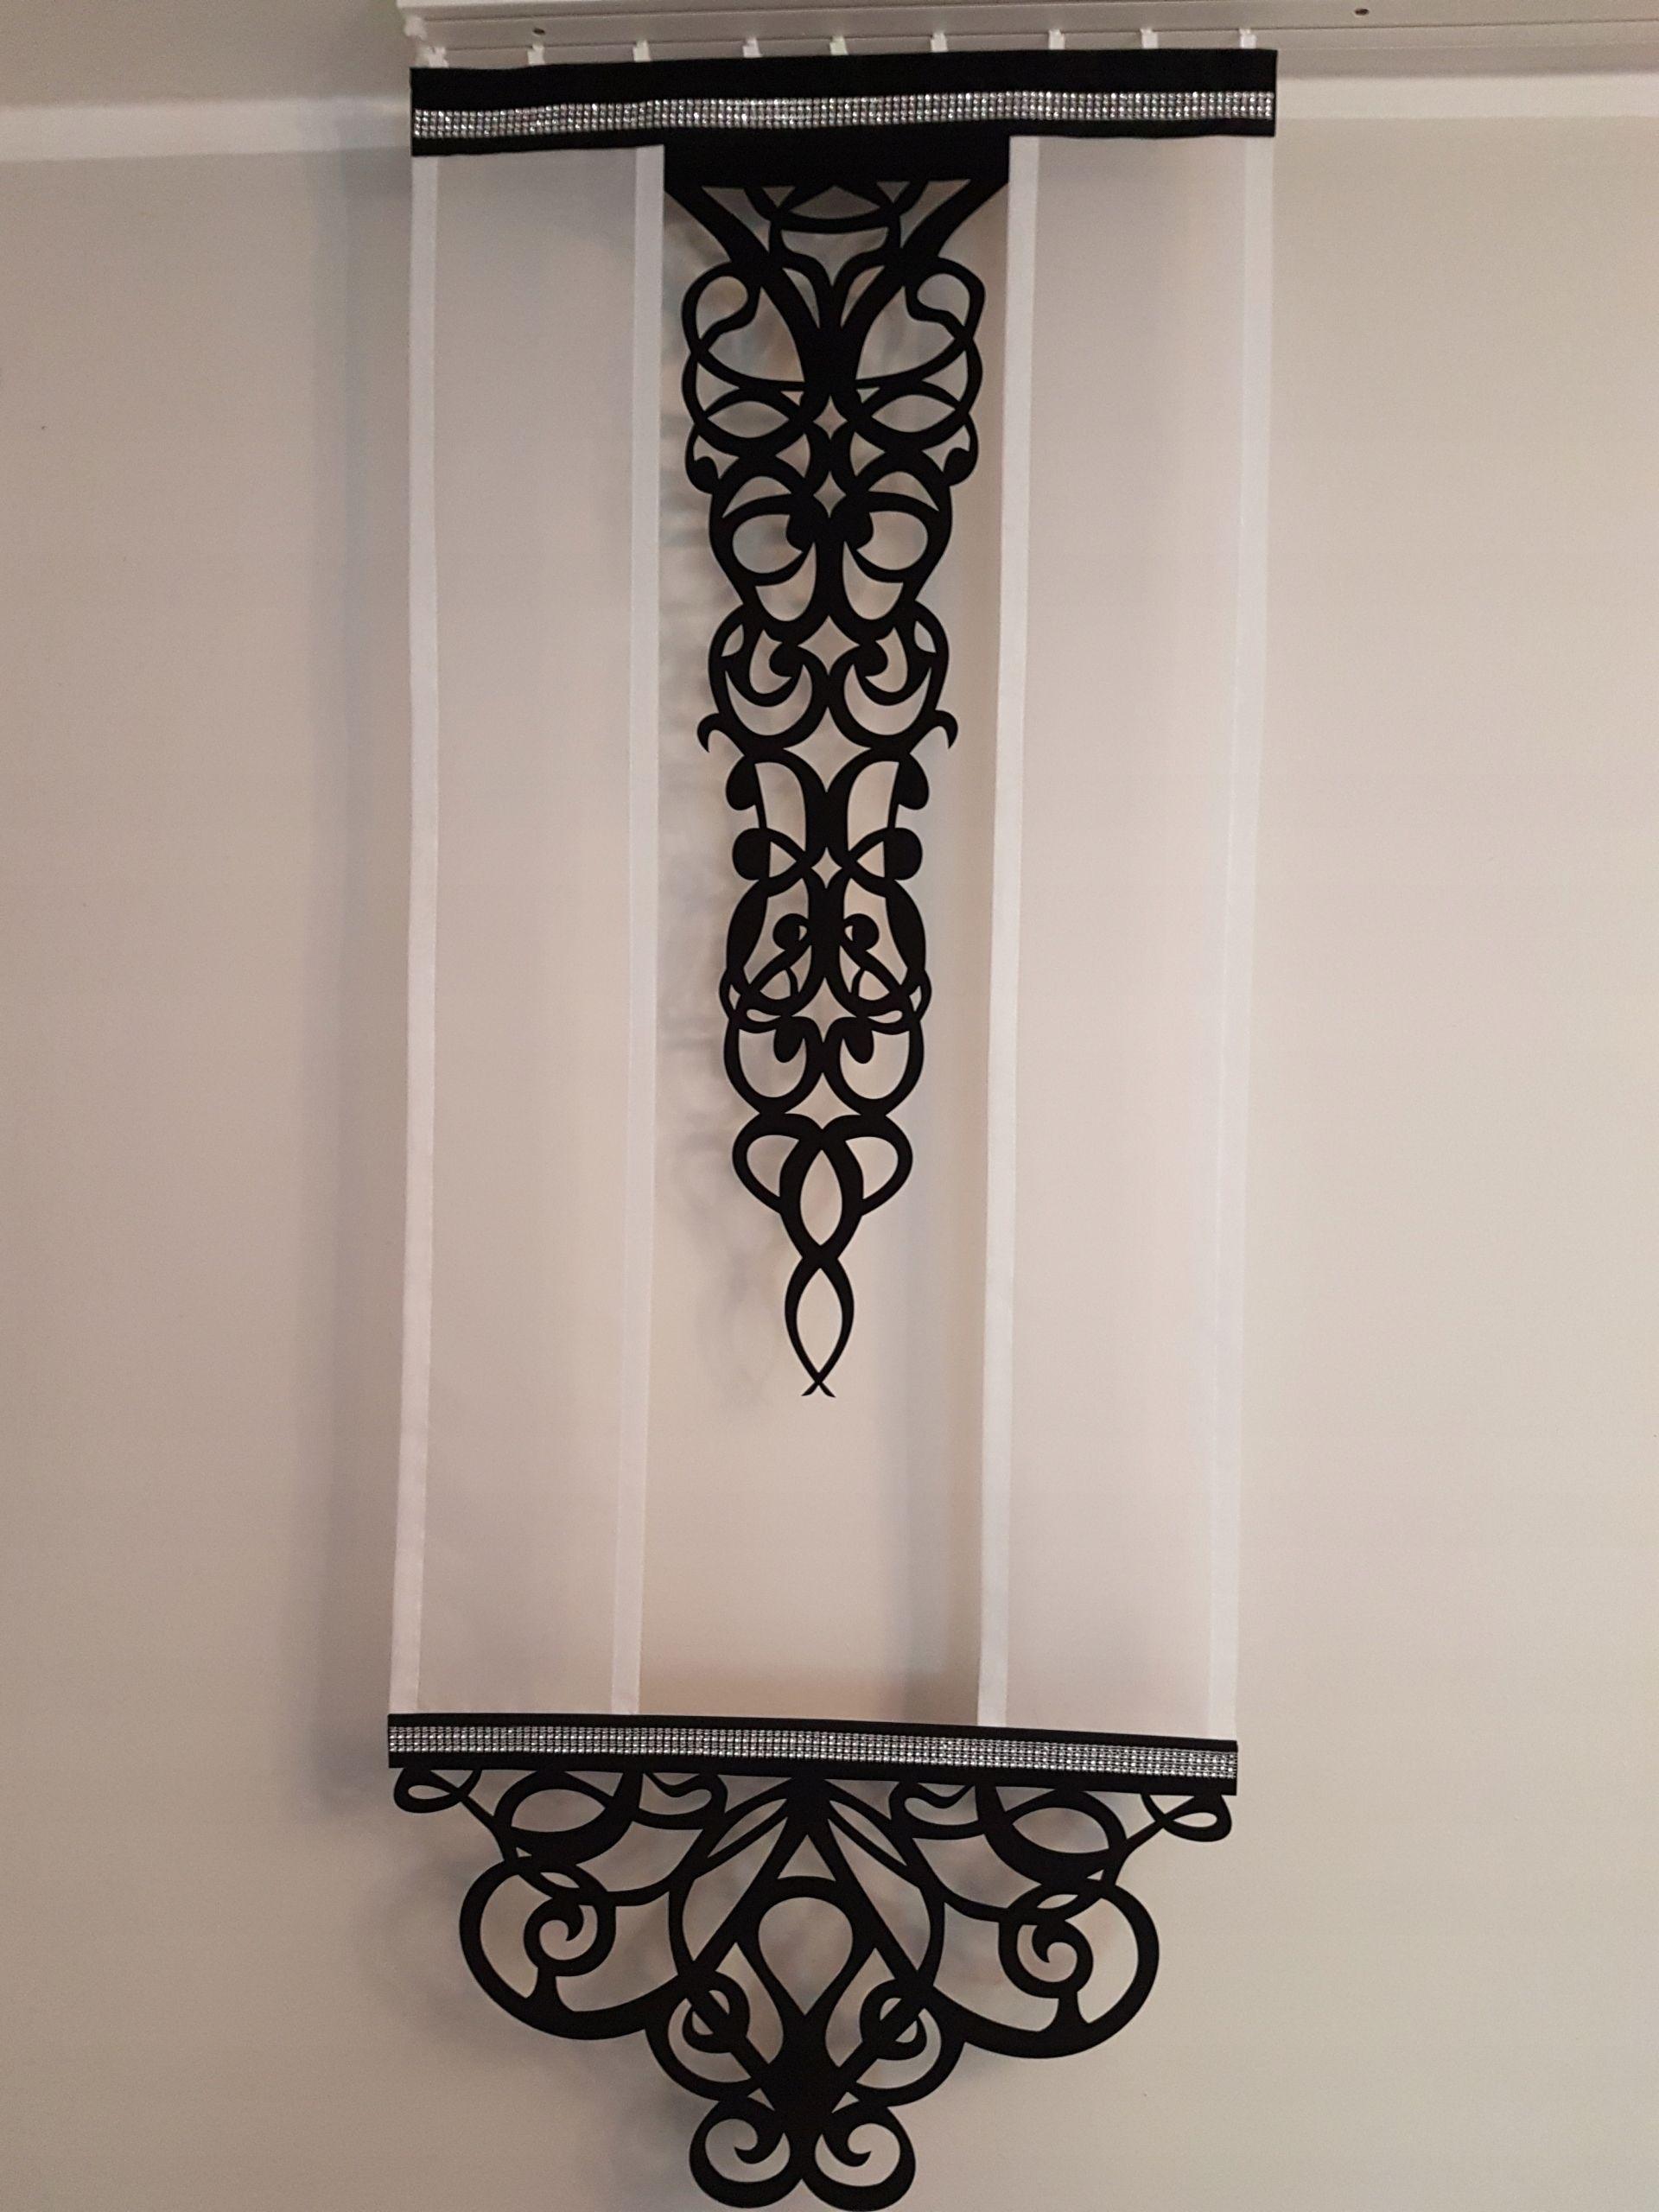 Firany Panele Duzo Kolorow I Wzorow Azury 7567273233 Allegro Pl Wiecej Niz Aukcje Kitchen Curtain Designs Curtains Window Treatments Curtain Designs